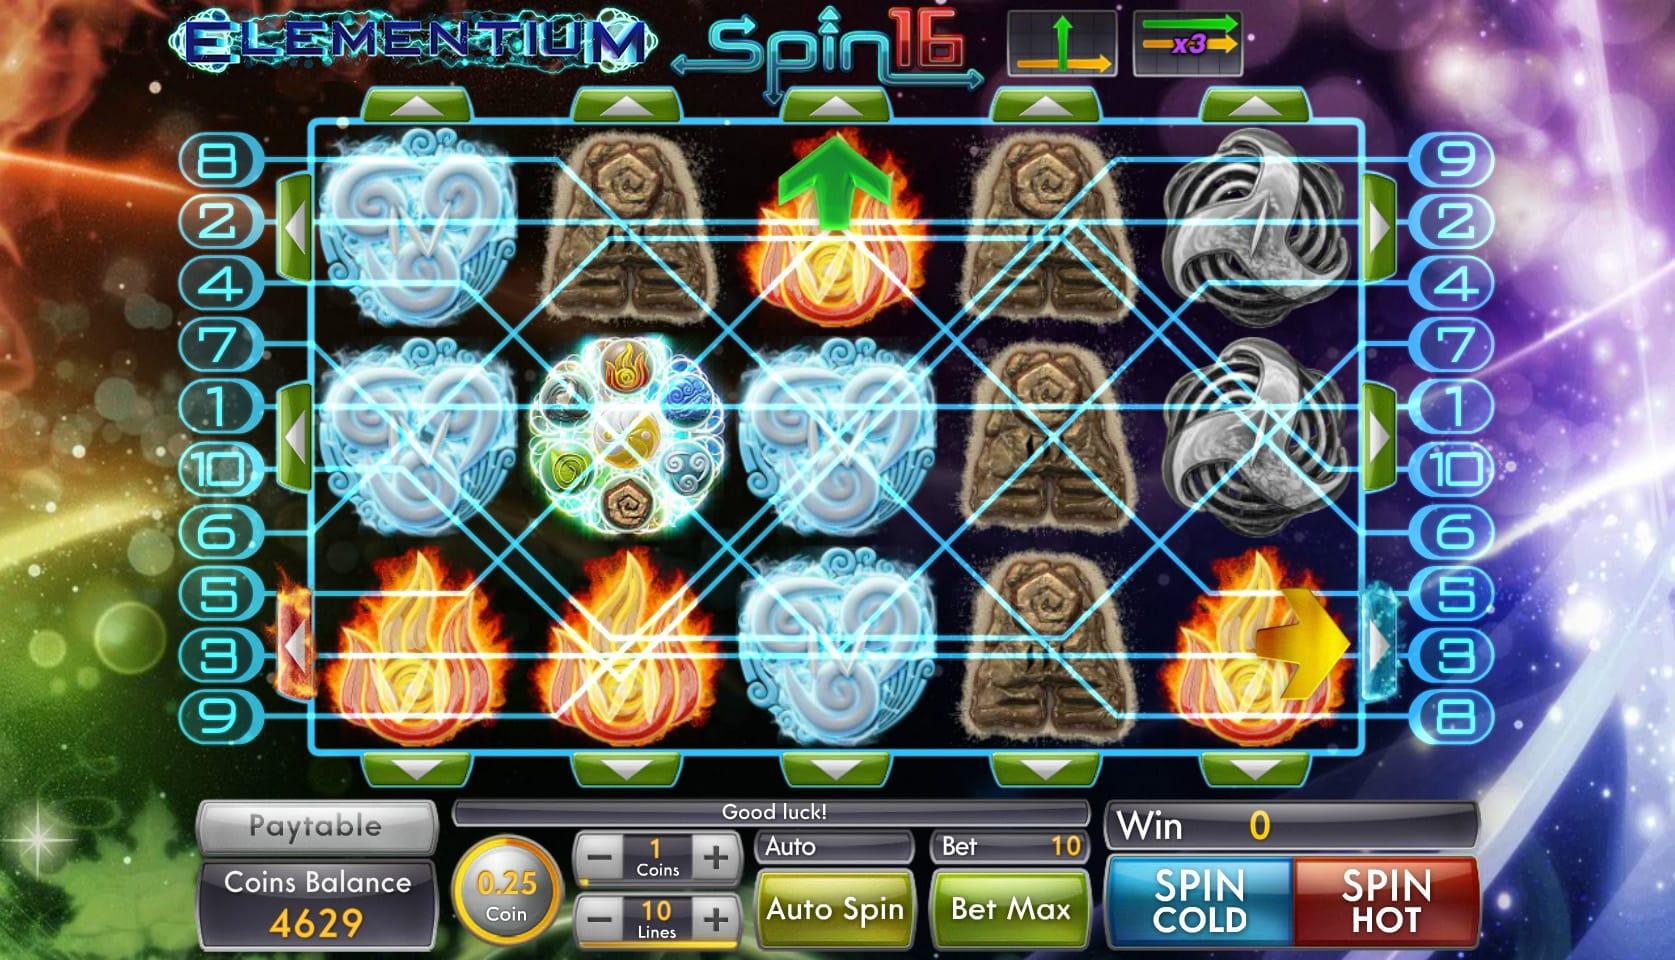 elementium spin 16 paylines